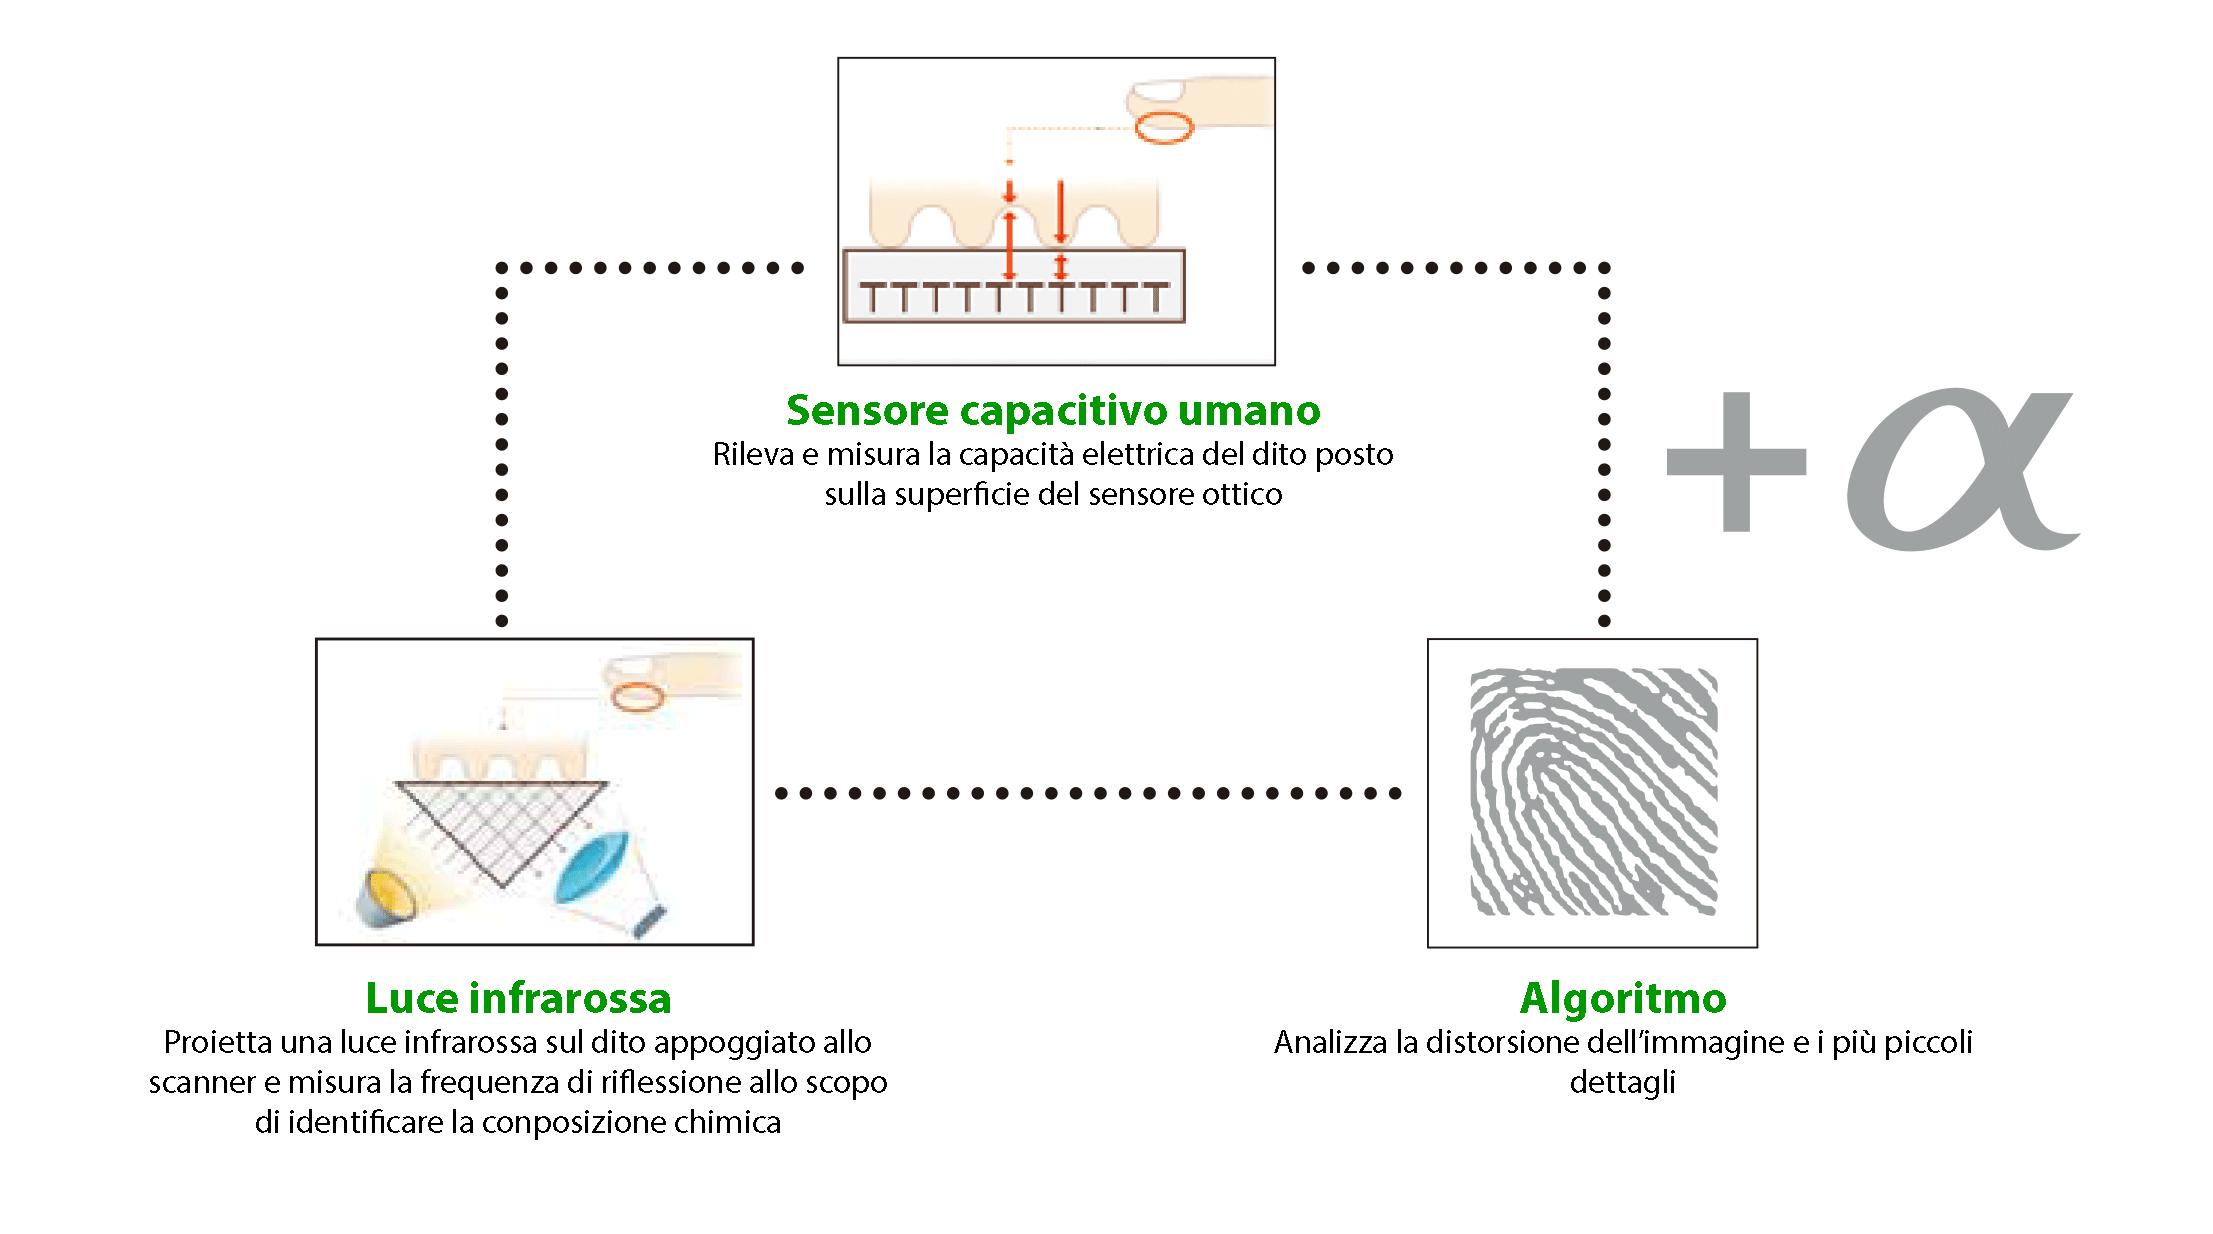 Tecnologia riconoscimento impronte digitali falsi lettori biometrici Plexa